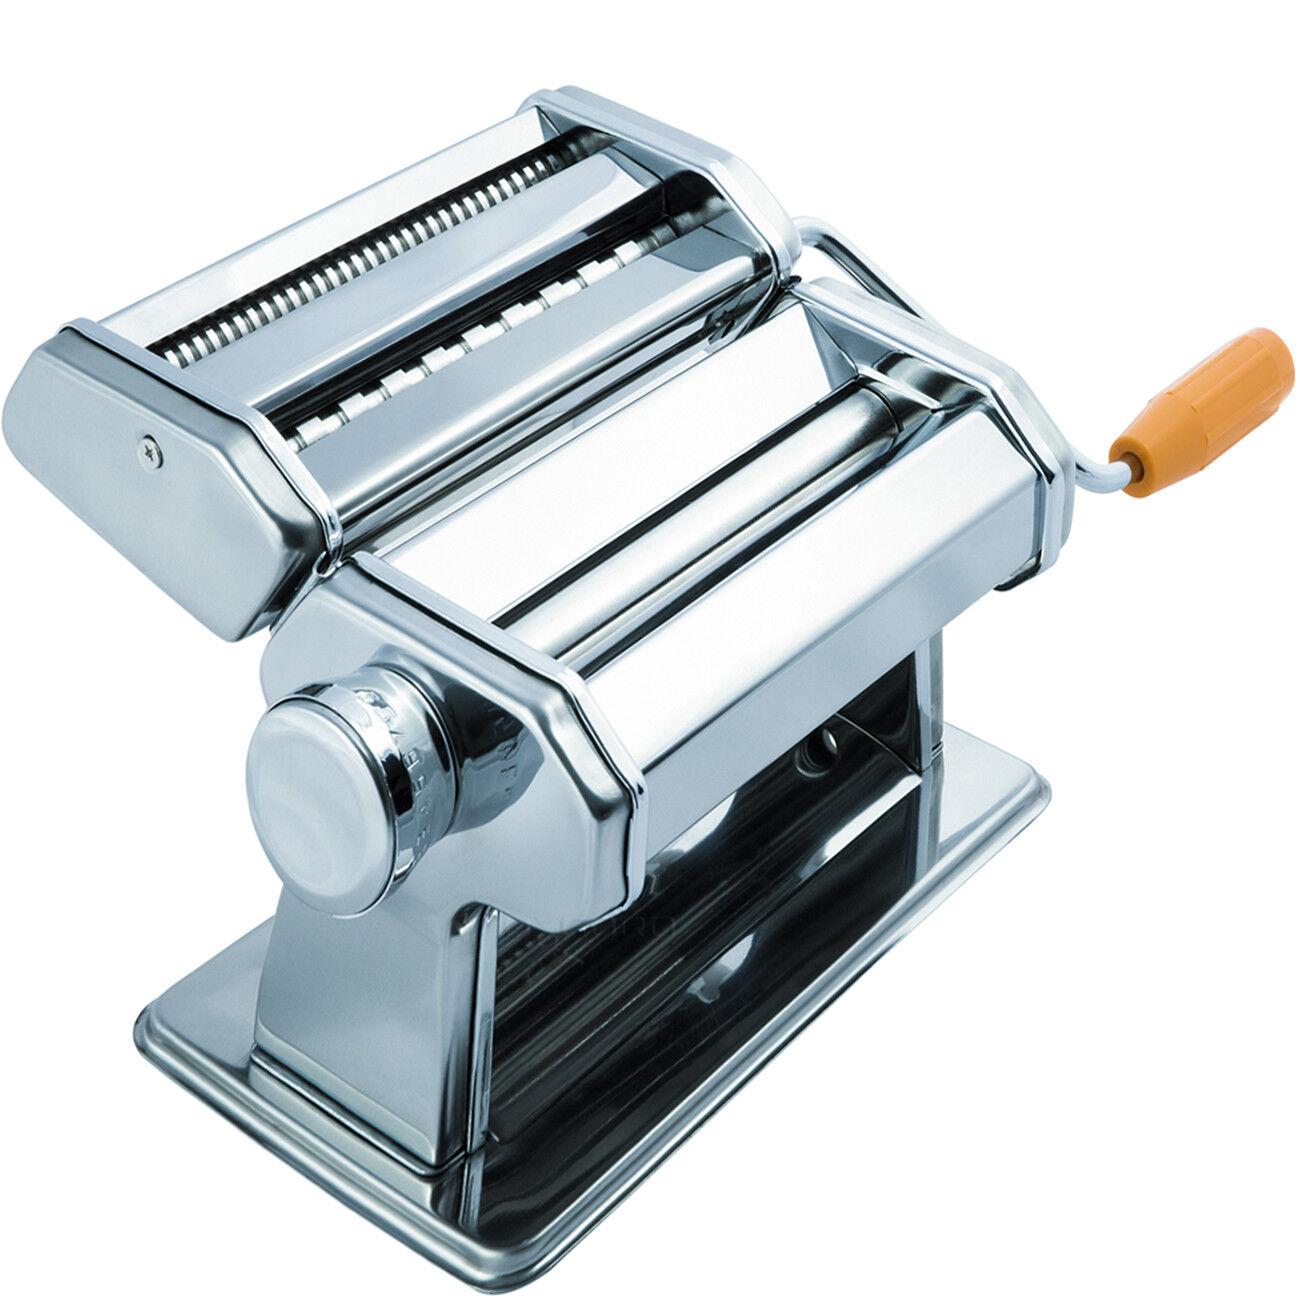 OxGord Stainless Steel Fresh Pasta Maker Roller Machine for